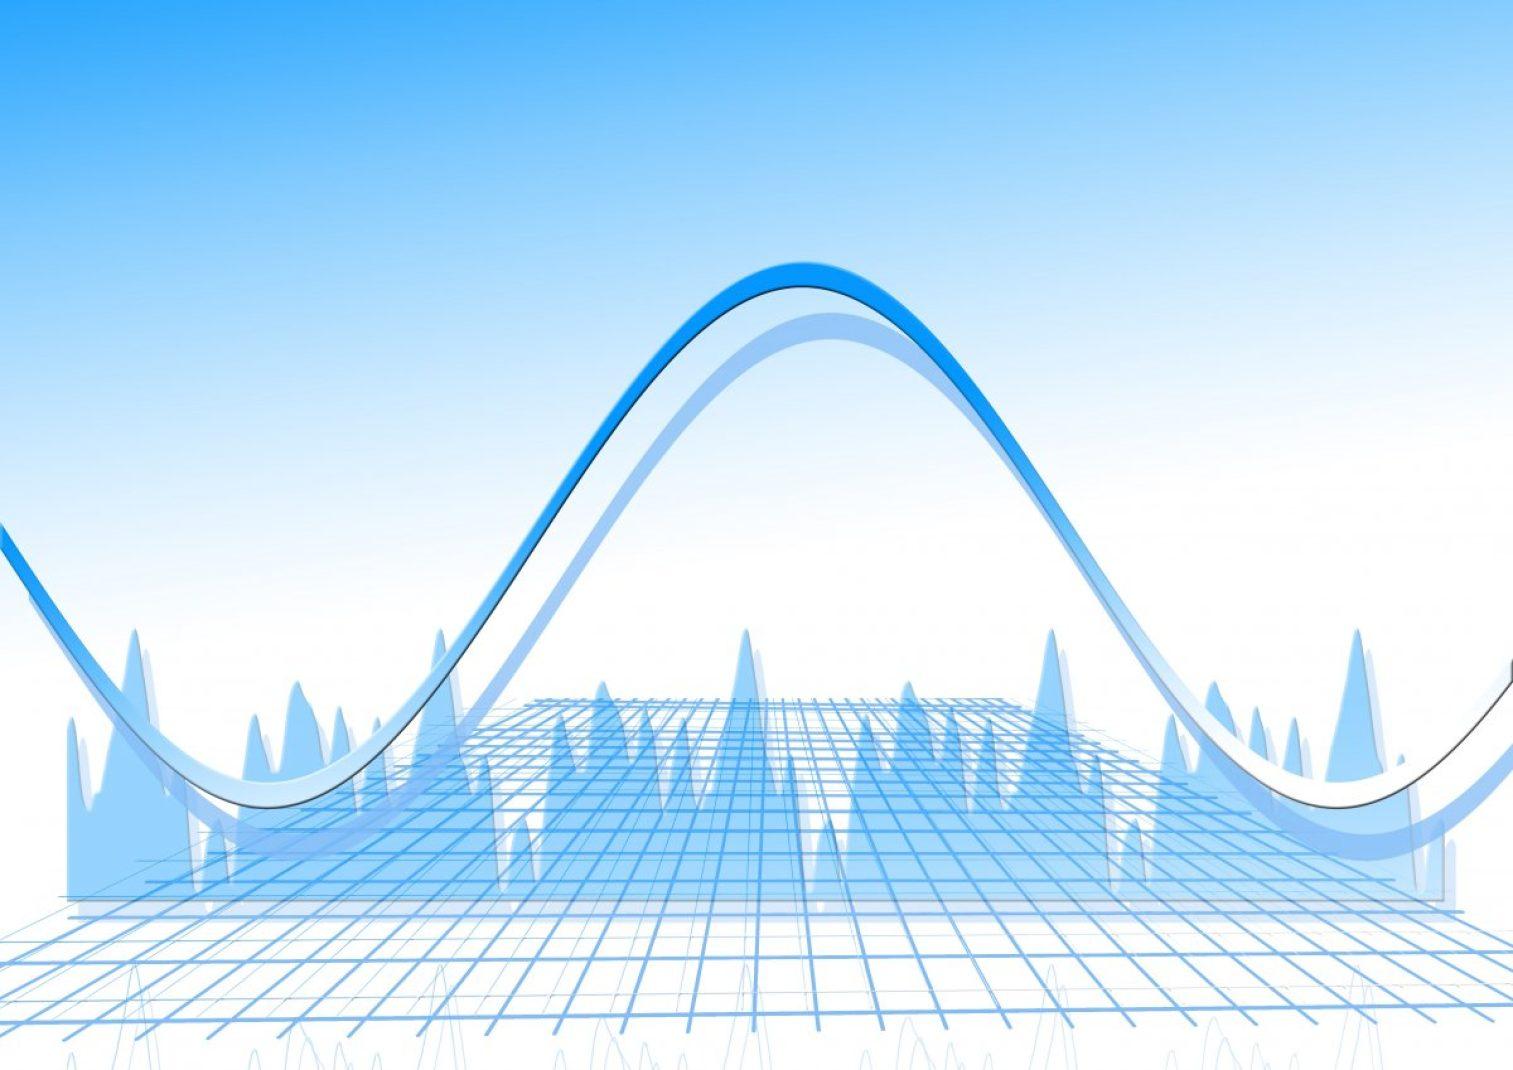 analysis, statistics, chart